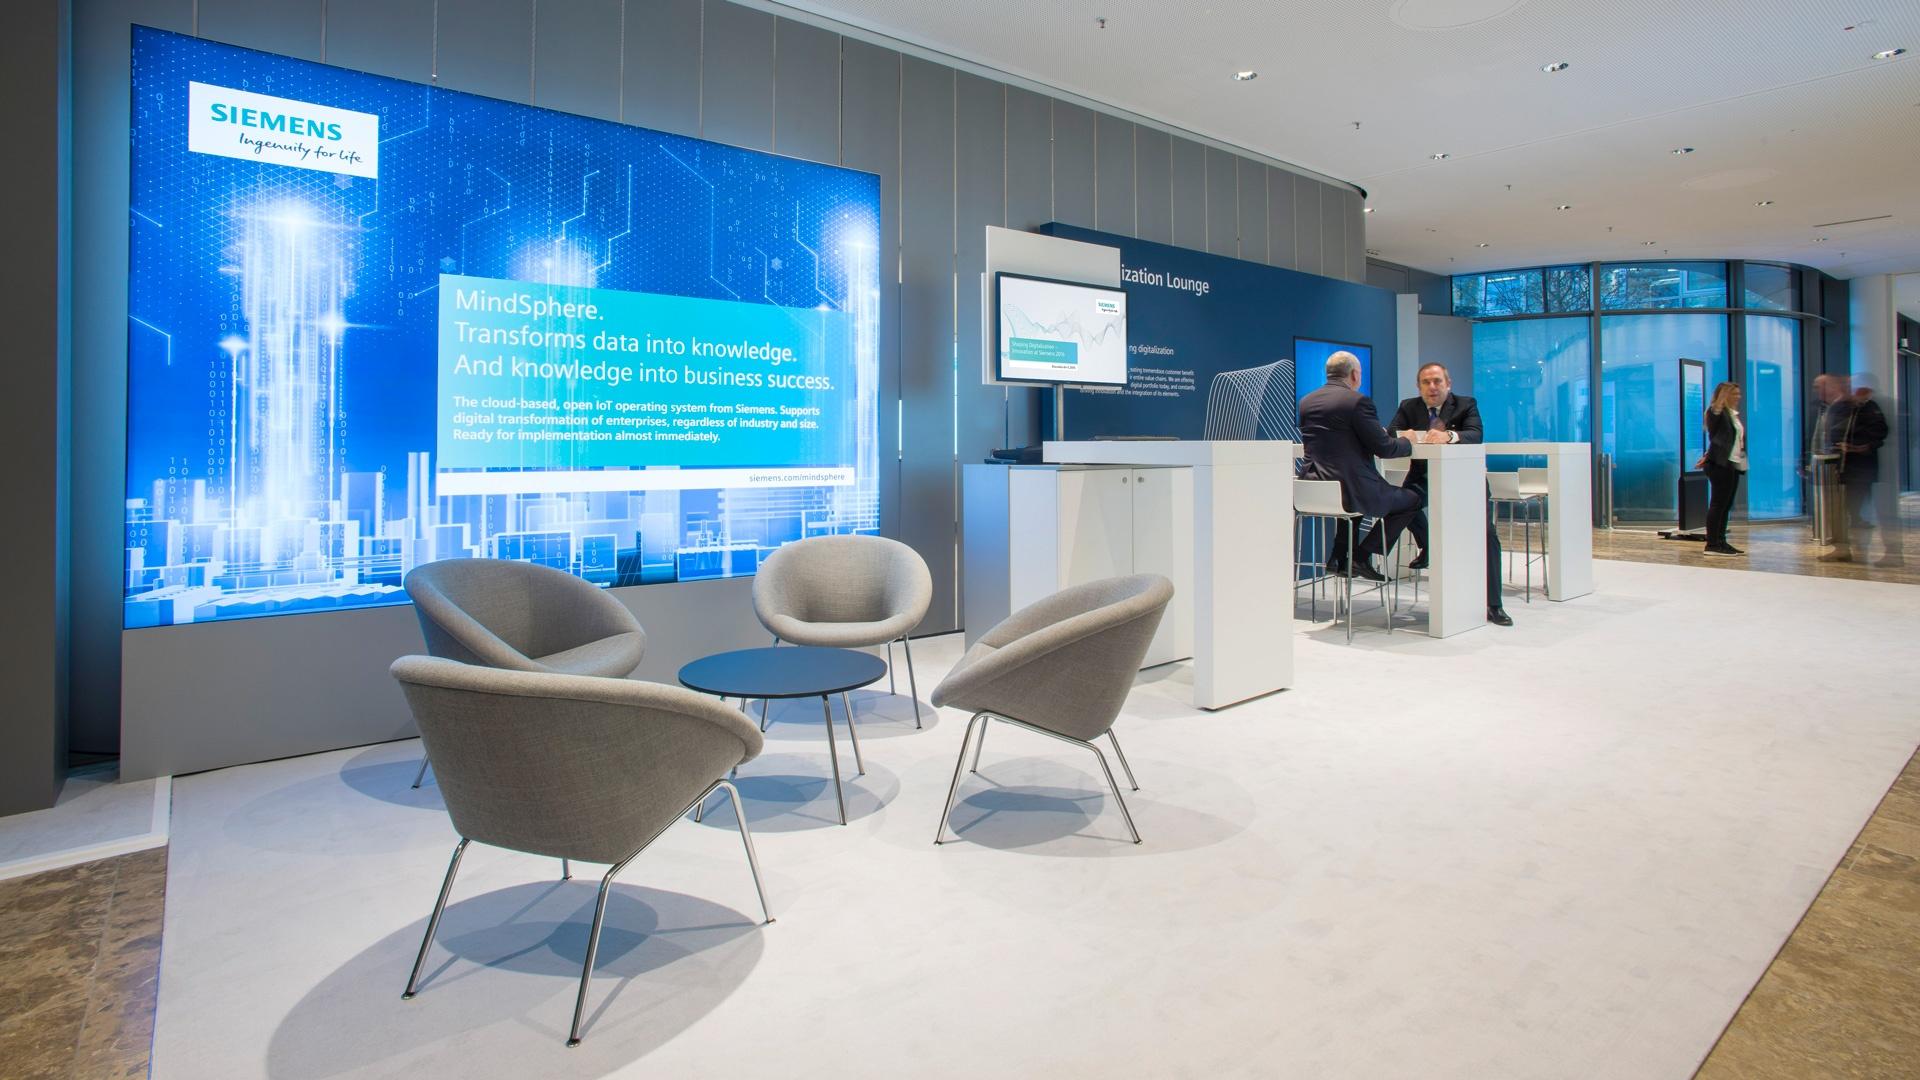 Innovation at Siemens 2016